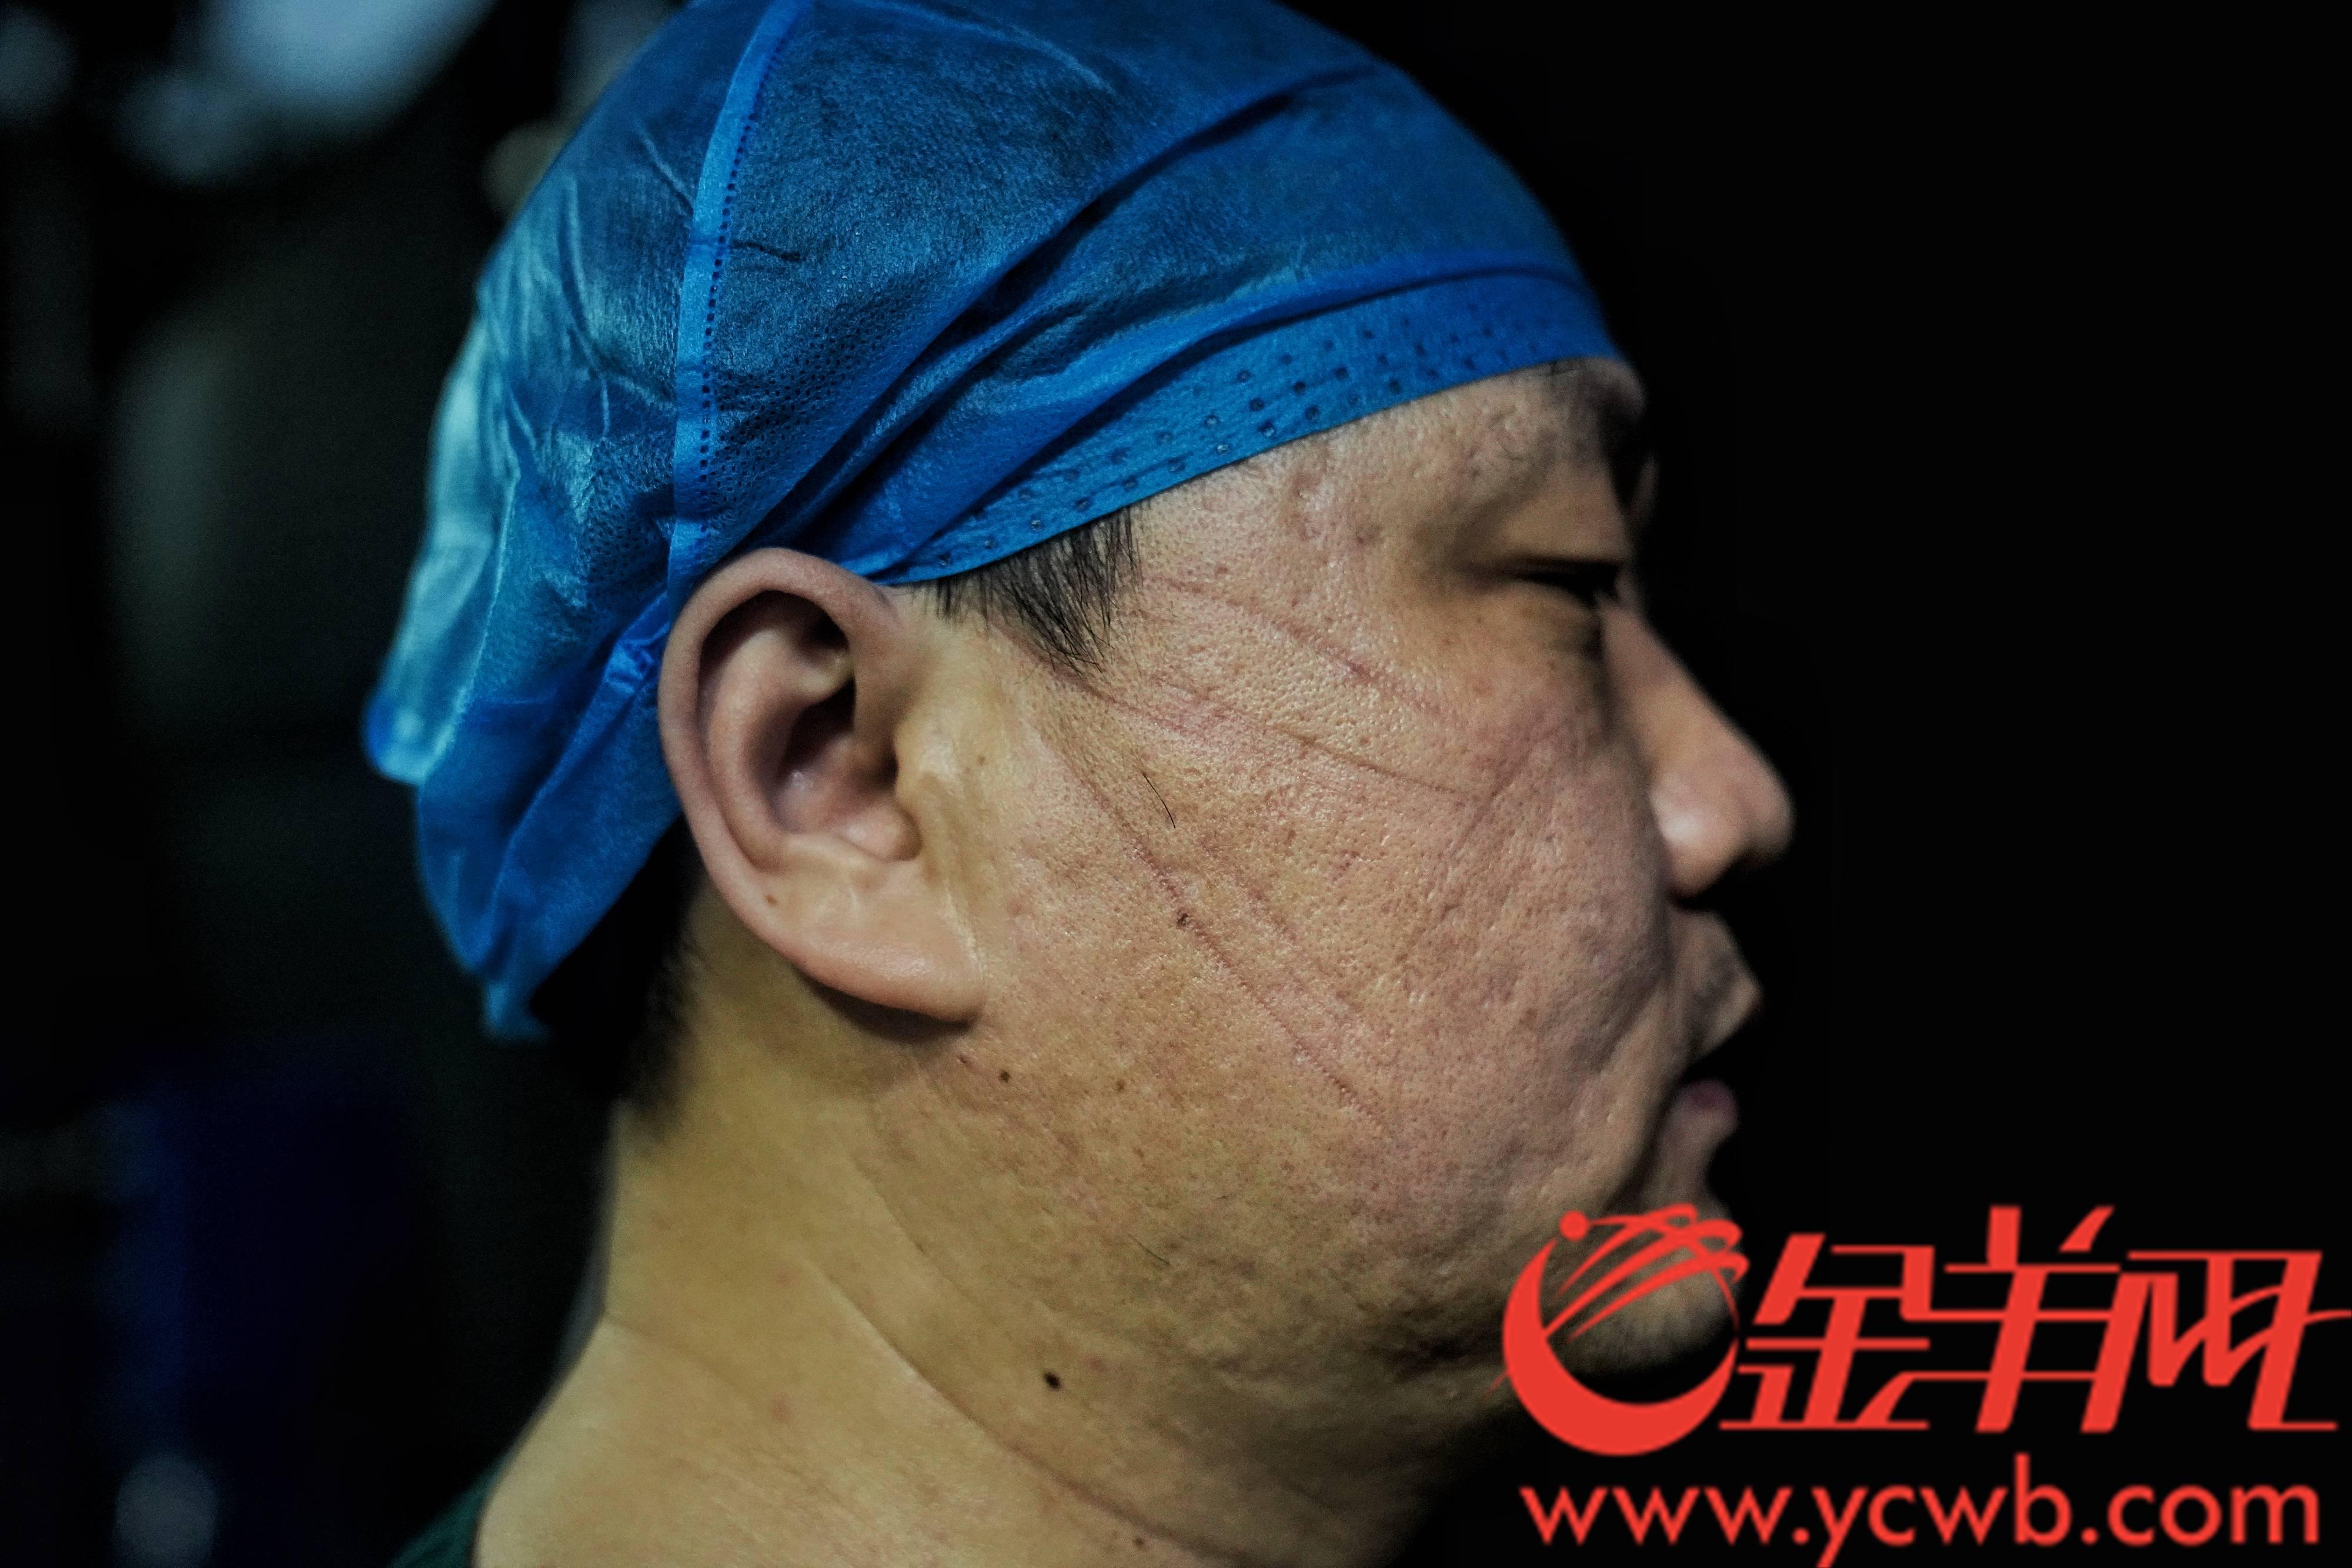 摘下口罩后,医务人员的脸颊上有深深的印痕。